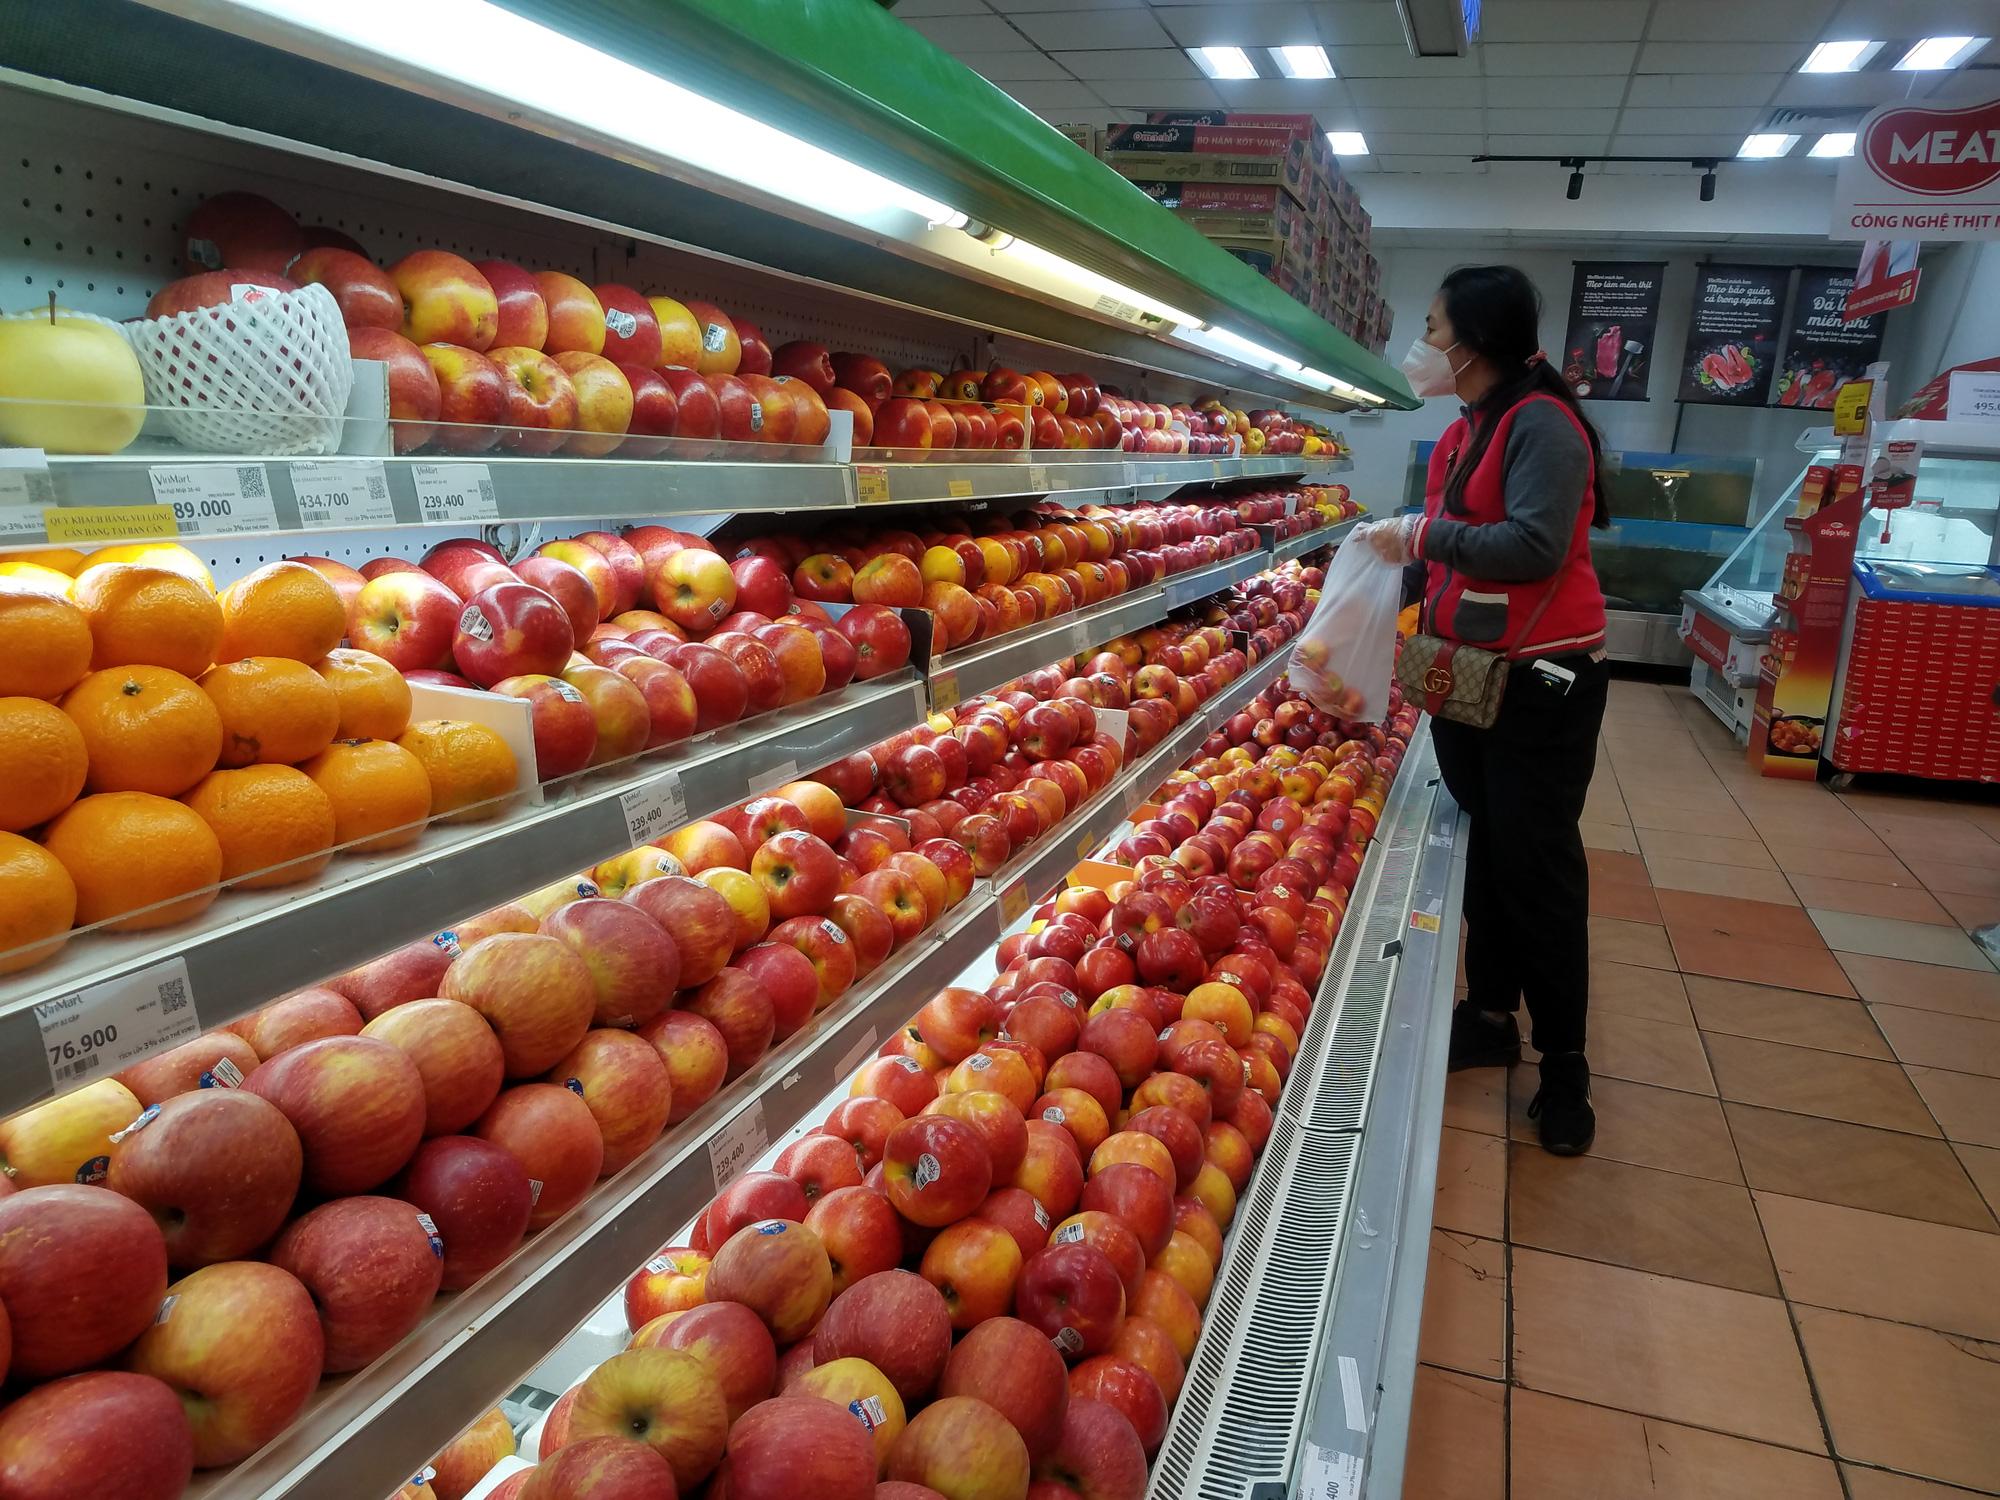 Hà Nội: Người dân tranh thủ ra các chợ, siêu thị mua lương thực và các đồ thiết yếu - Ảnh 6.